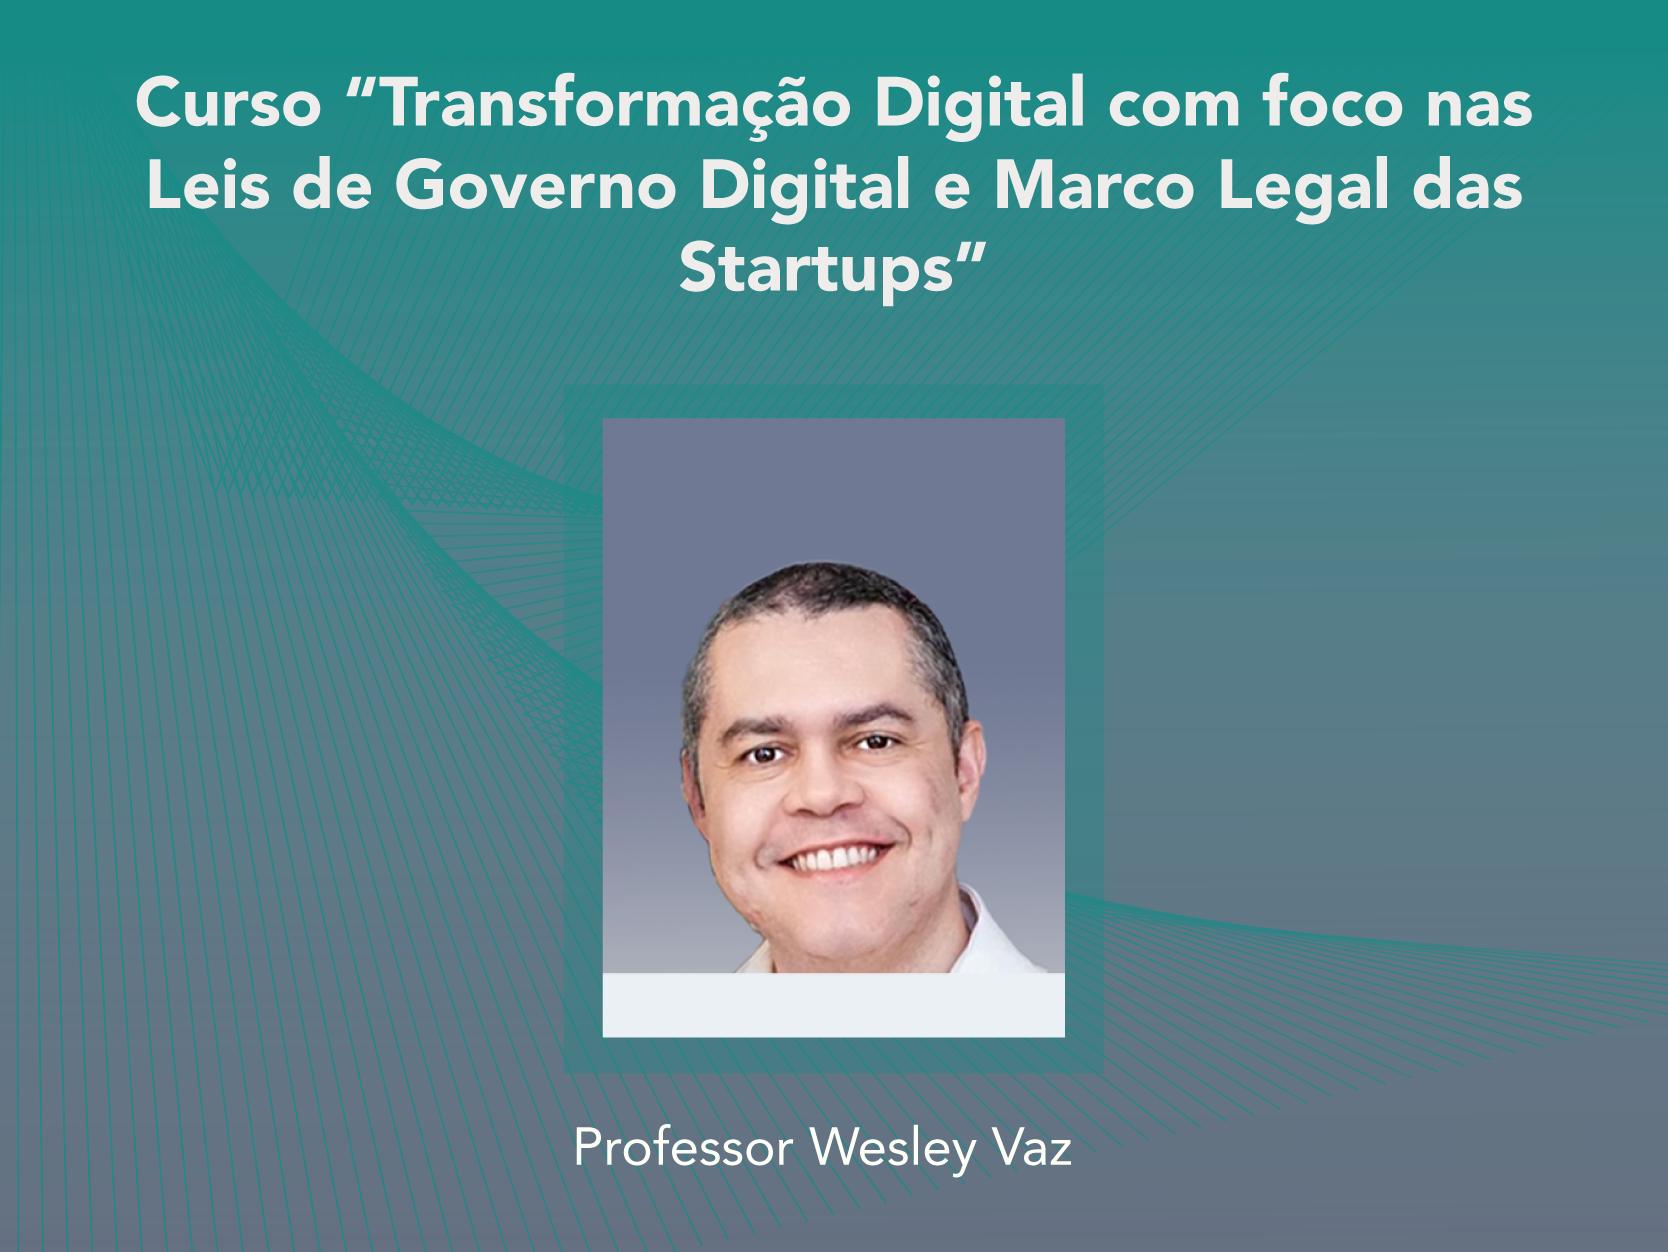 Curso: Transformação Digital com foco nas Leis de Governo Digital e Marco Legal das Startups - Não perca!!!